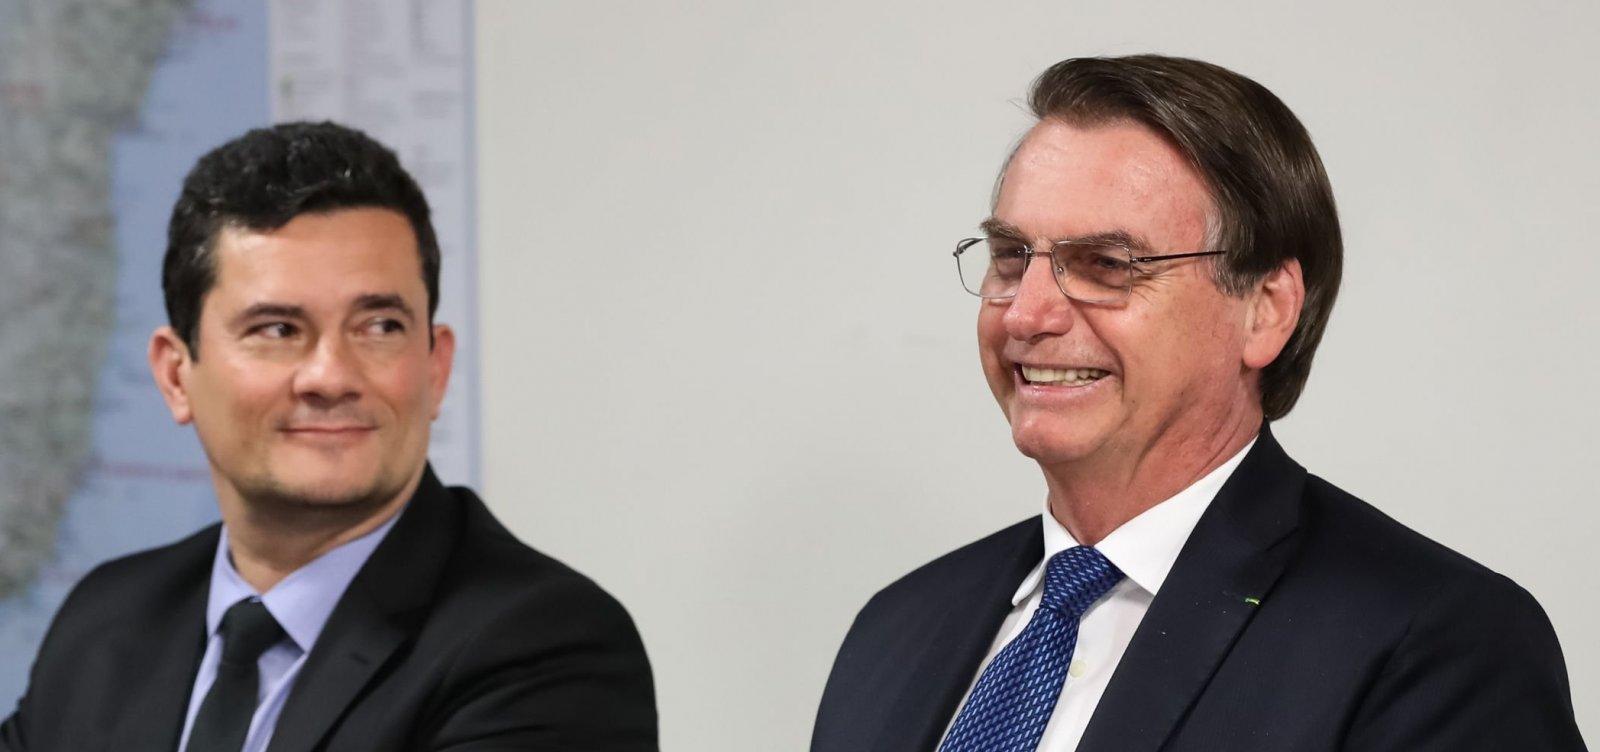 'Me dei mal. Pode pegar o meu lugar', diz Bolsonaro para Moro, rindo